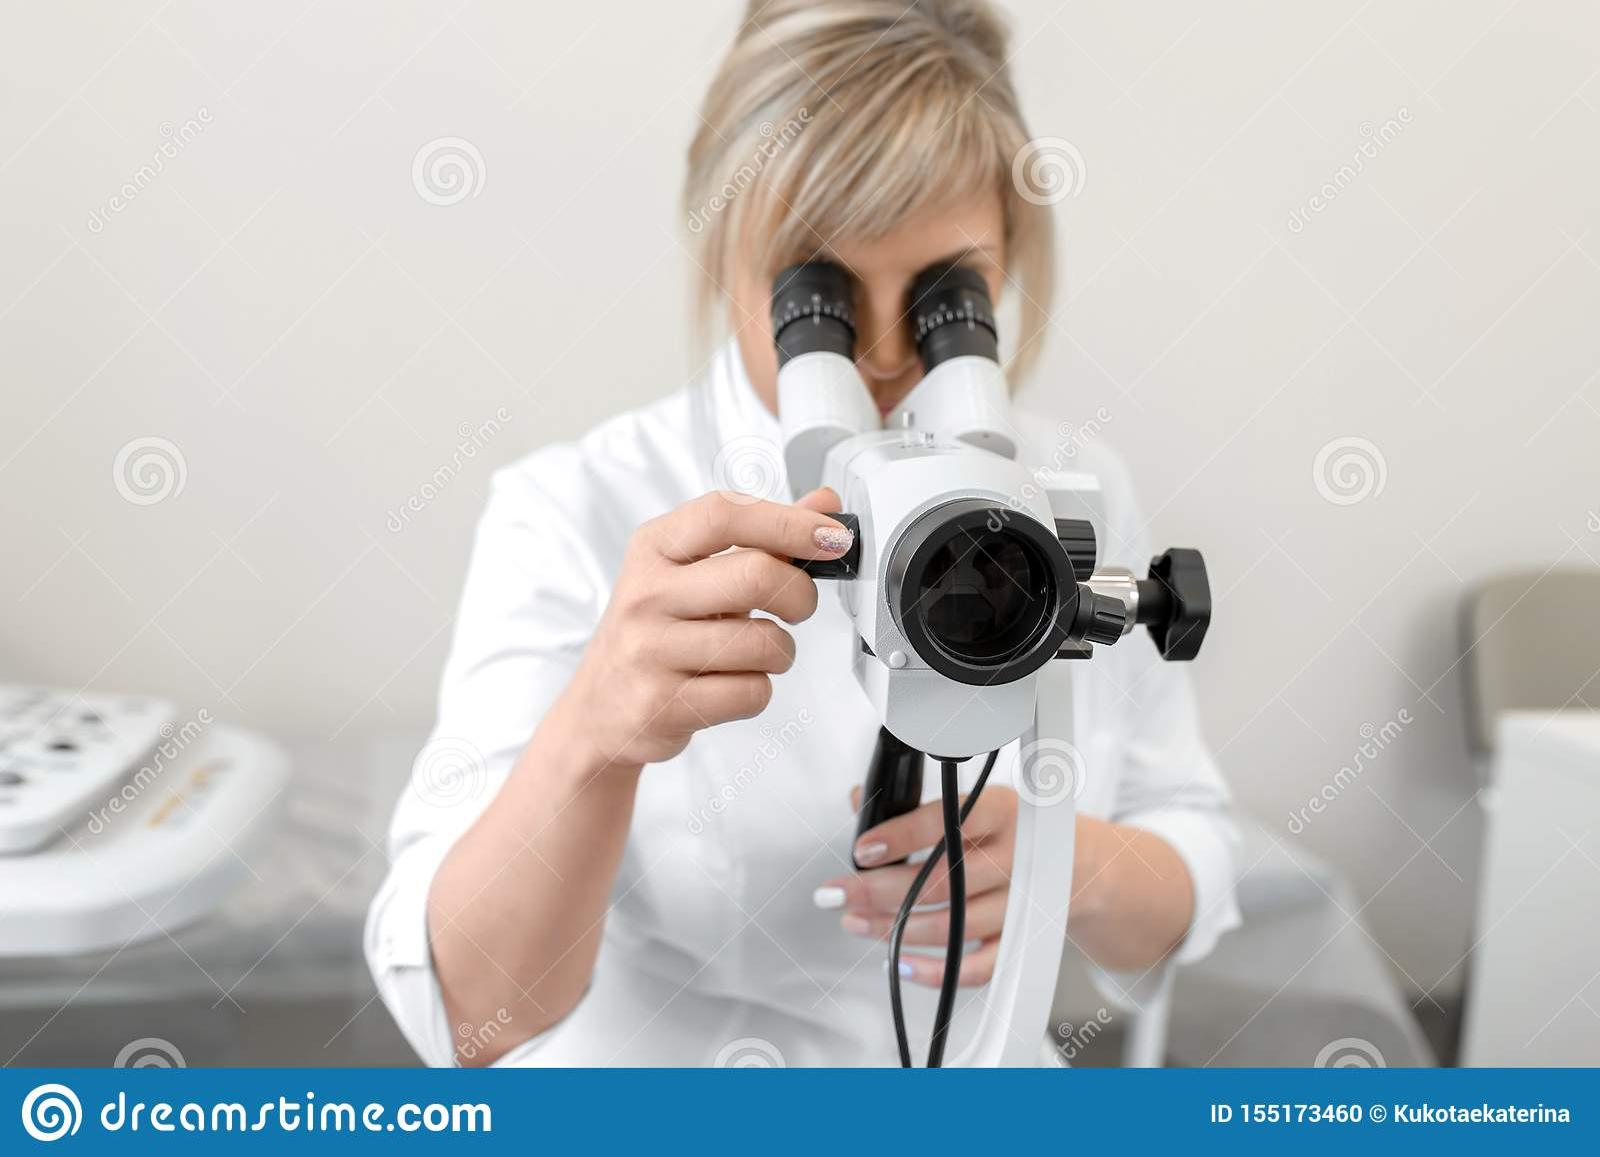 Νέος θηλυκός επαγγελματικός gynecologist στη διαδικασία εργασίας, εξετάζει το colposcope